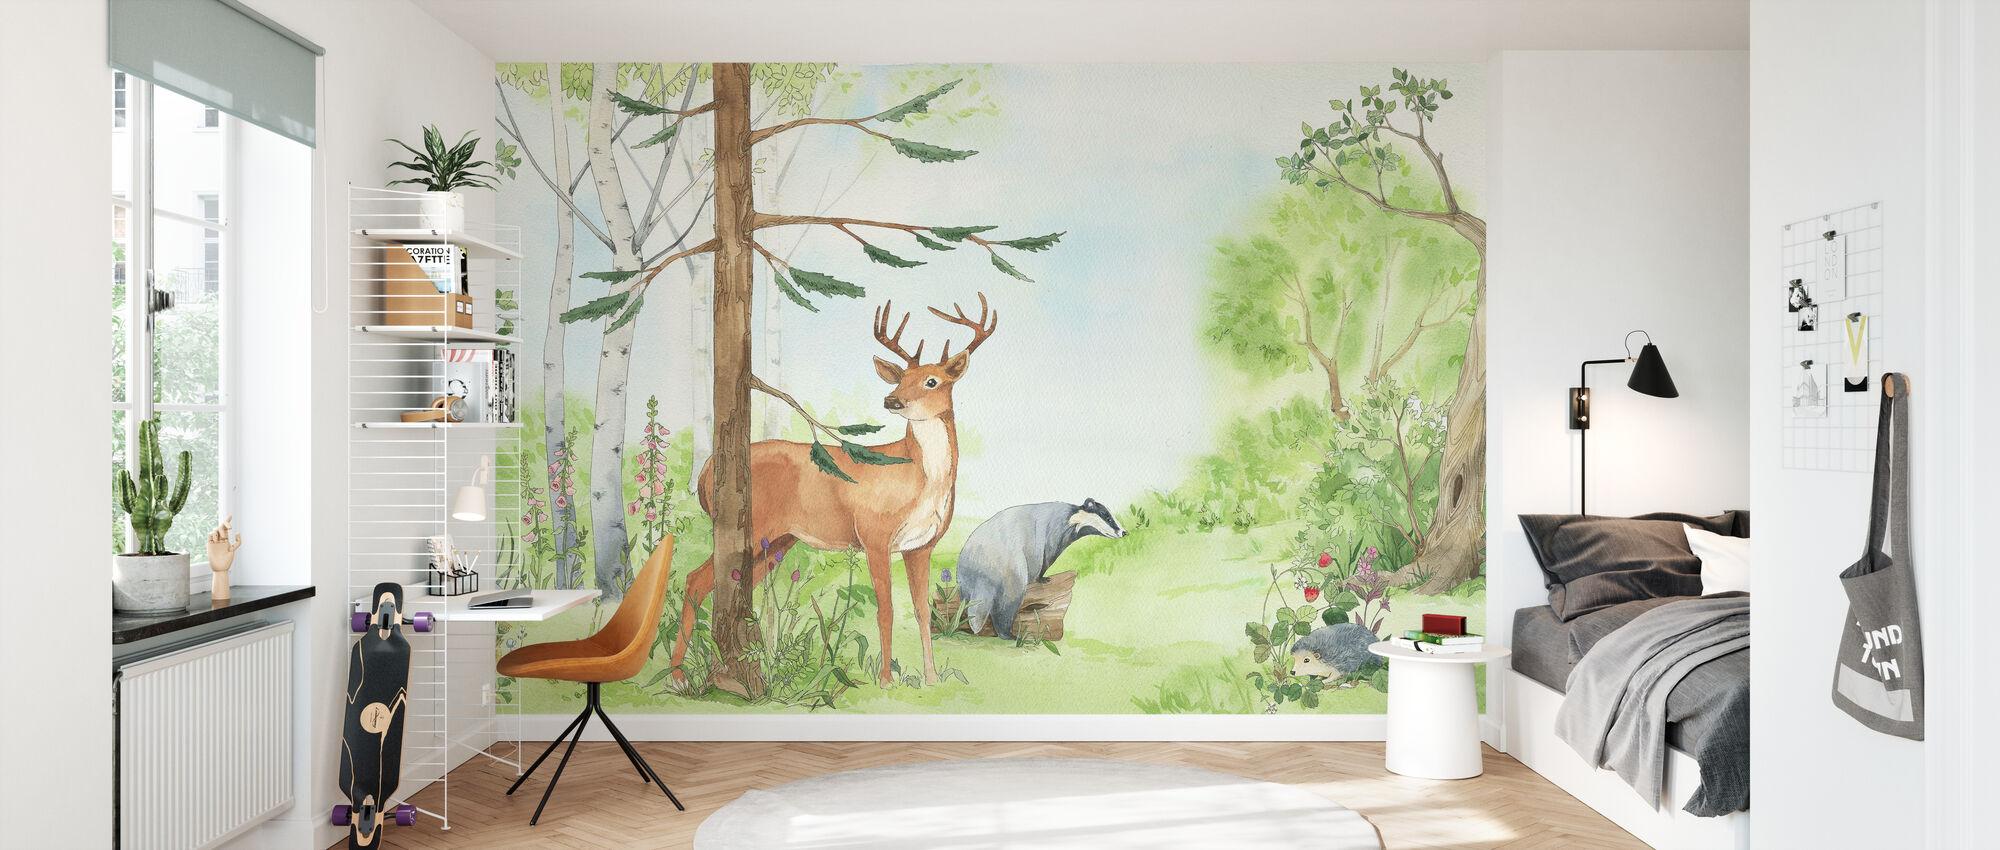 Waldtierfreunde - Tapete - Kinderzimmer